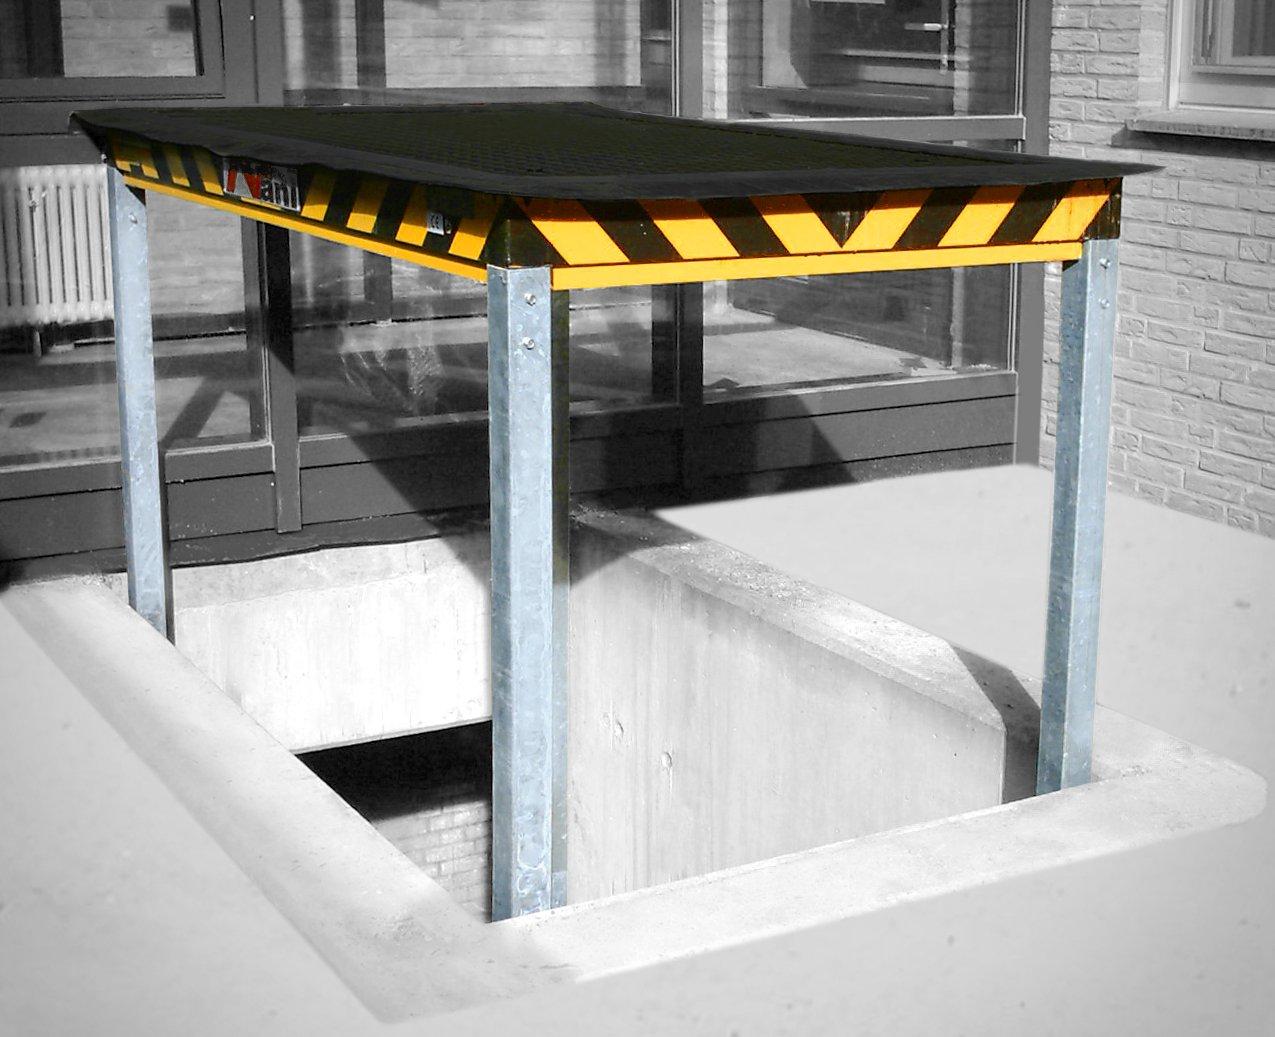 Unterfluraufzug – angebhobene Position